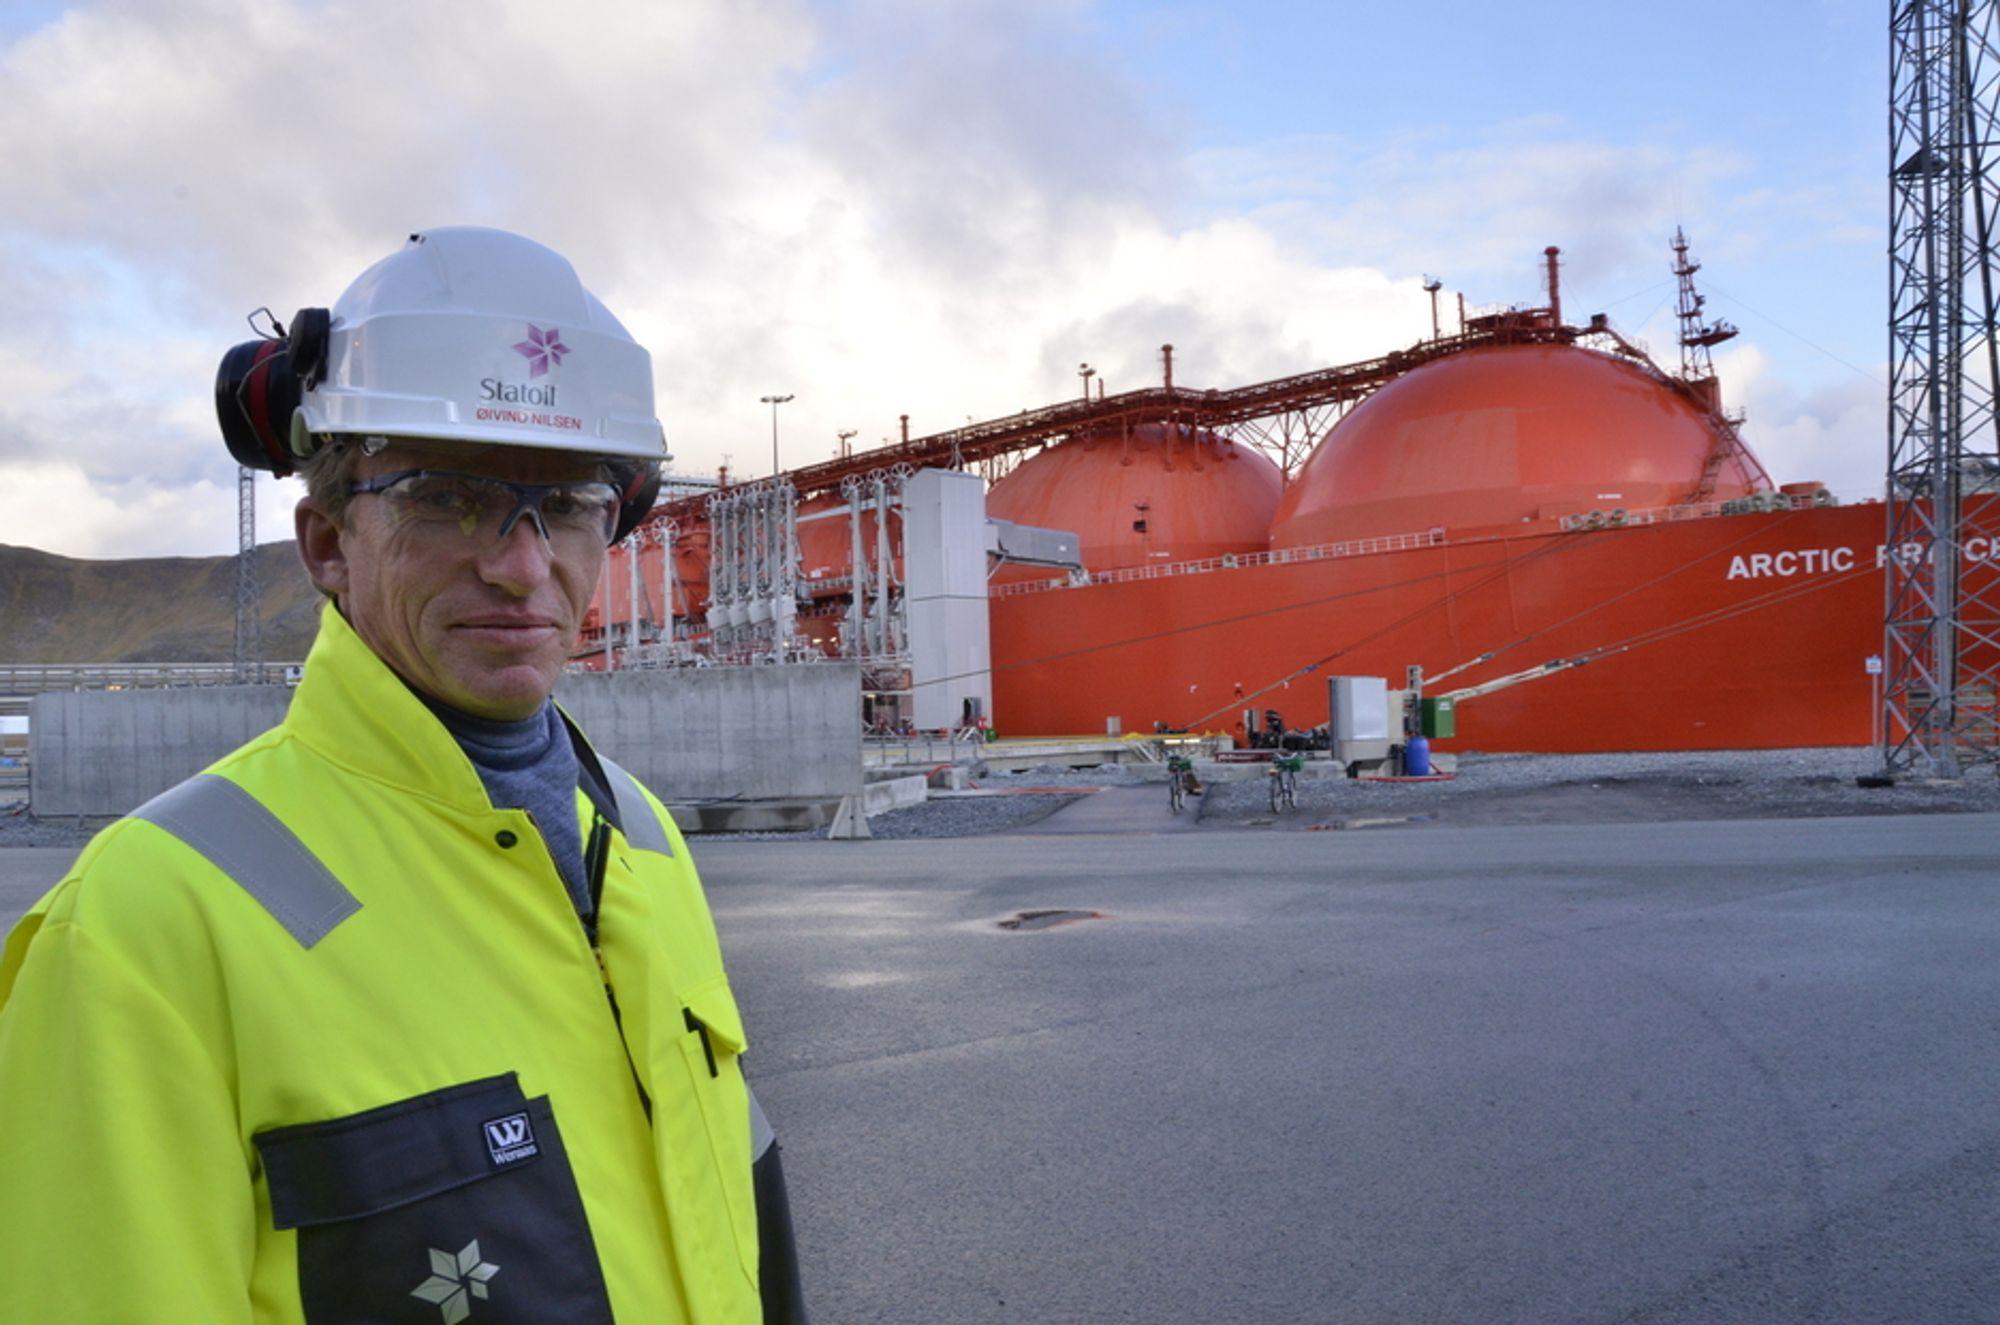 NOK EN STOPP: - Vi må stoppe skipningene i nedstengingsperioden, sier Øivind Nilsen.